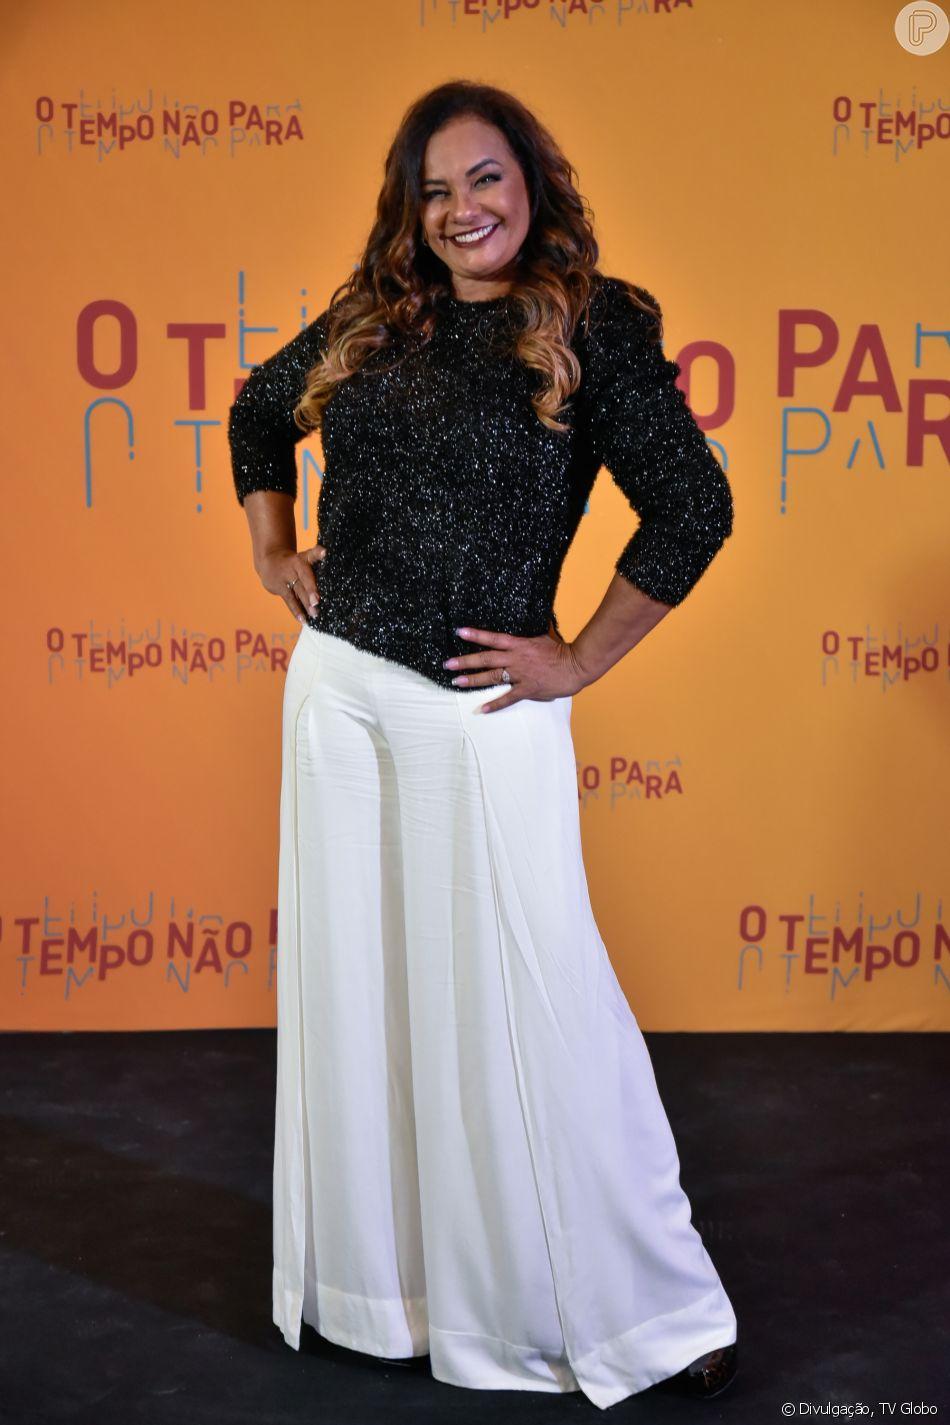 Solange Couto apostou na pantalona branca e blusa com brilho para a festa de lançamento da novela 'O Tempo Não Para', em 16 de julho de 2018